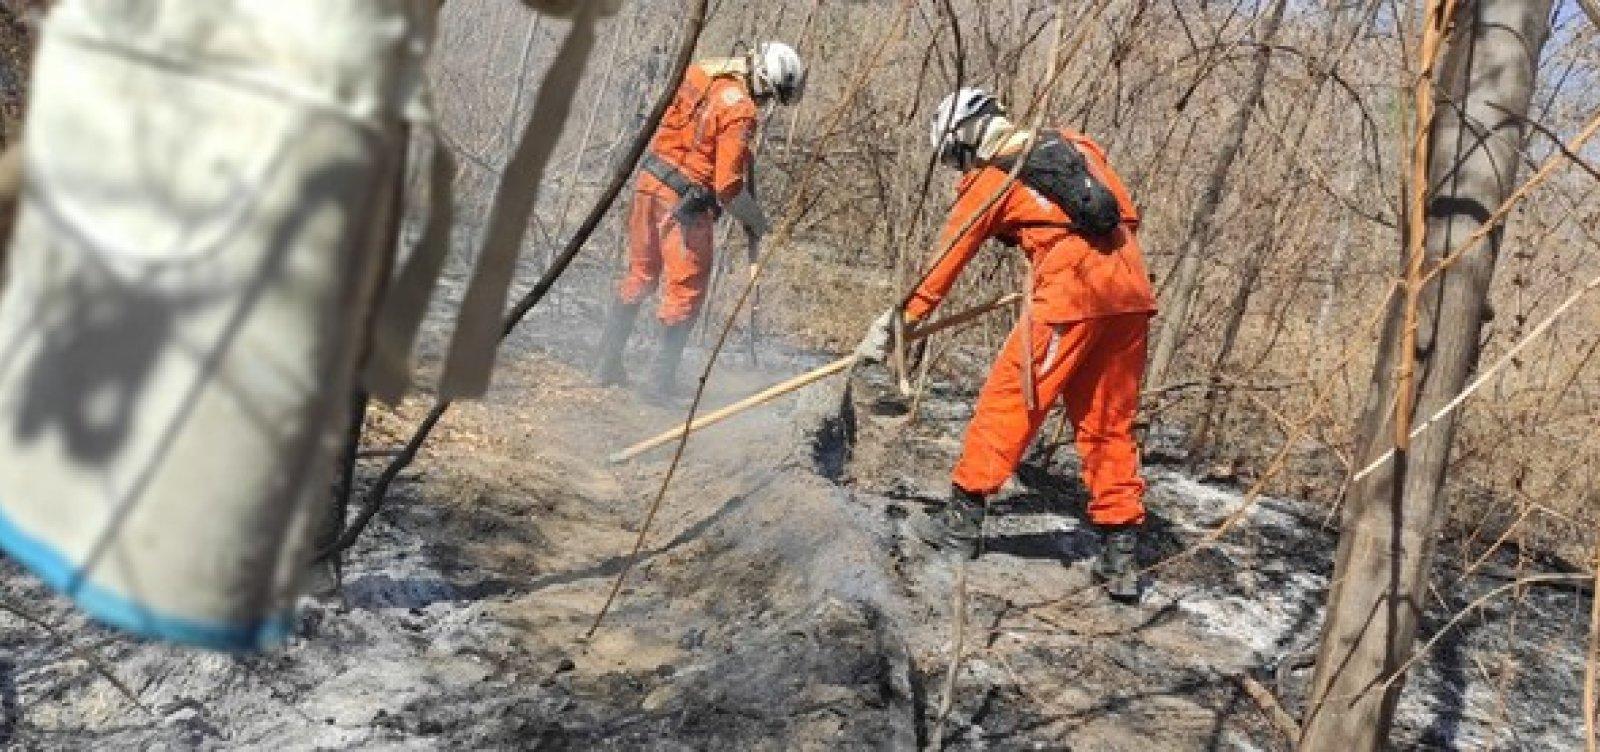 [Após quase um mês do início das chamas, incêndio florestal em Barra é extinto]